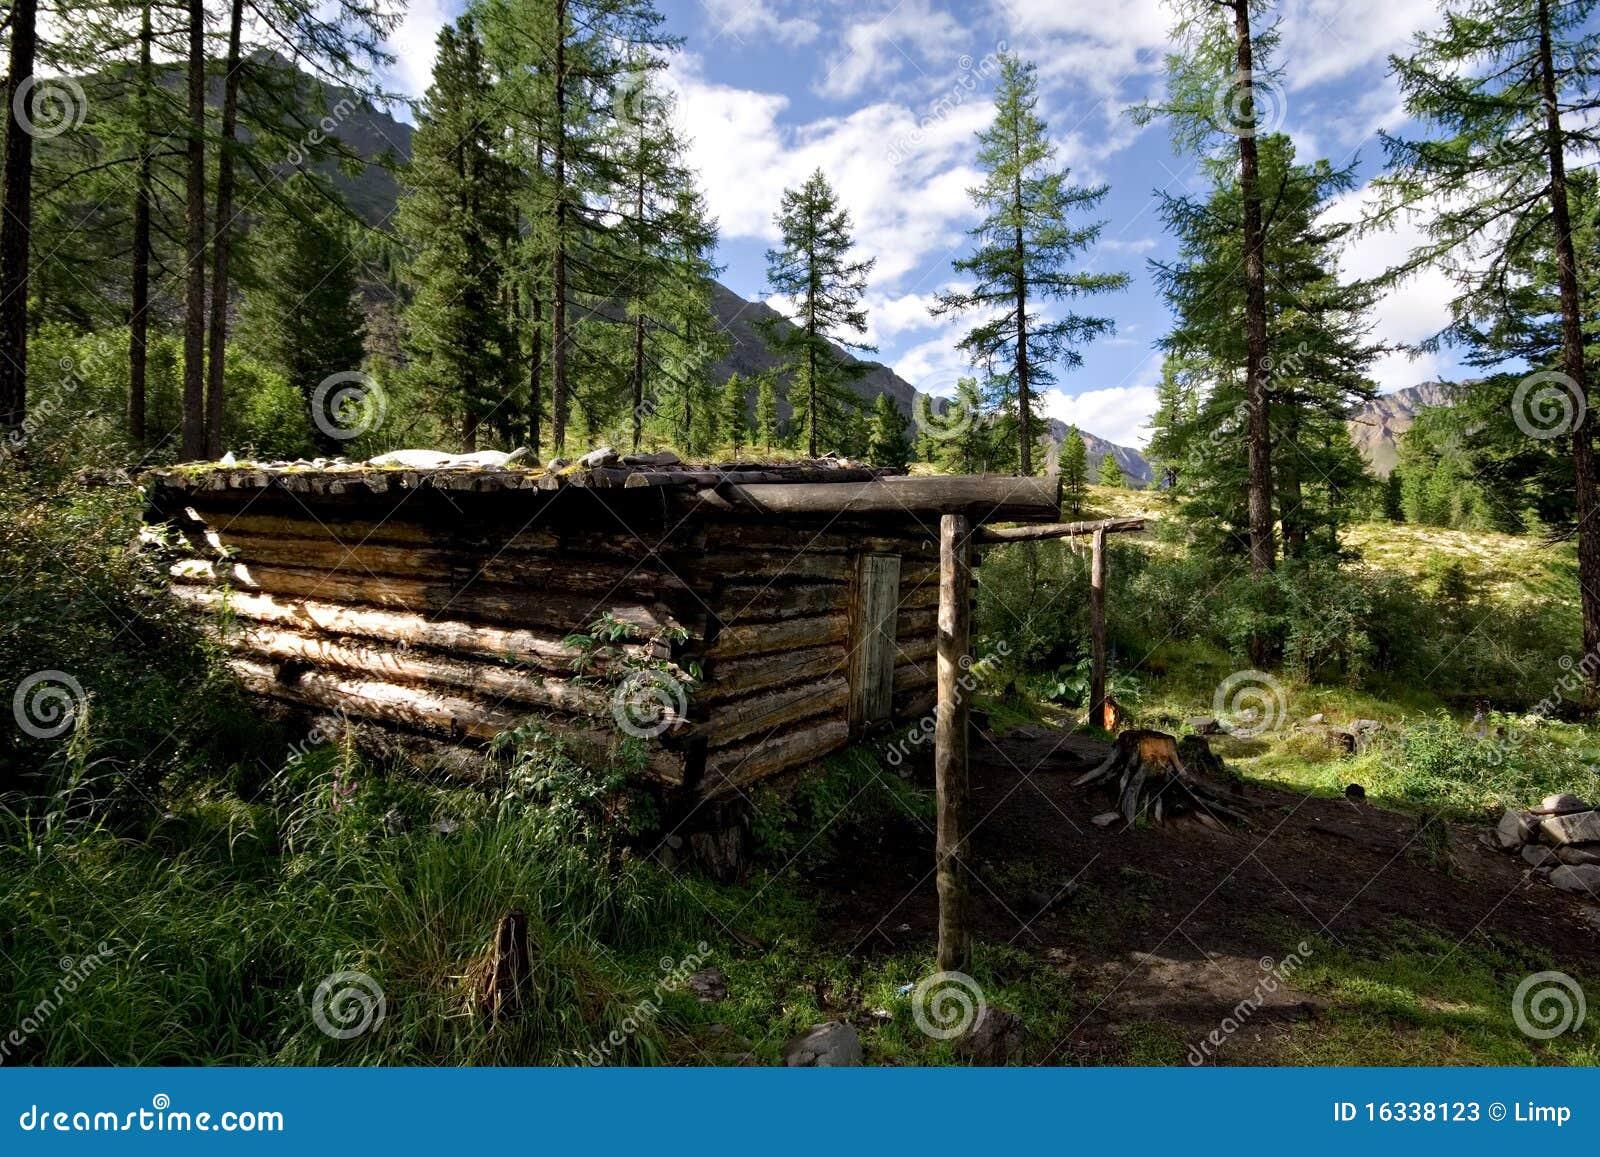 cabane en bois hutte de l 39 hiver dans la for t sauvage montagnes photos stock image 16338123. Black Bedroom Furniture Sets. Home Design Ideas